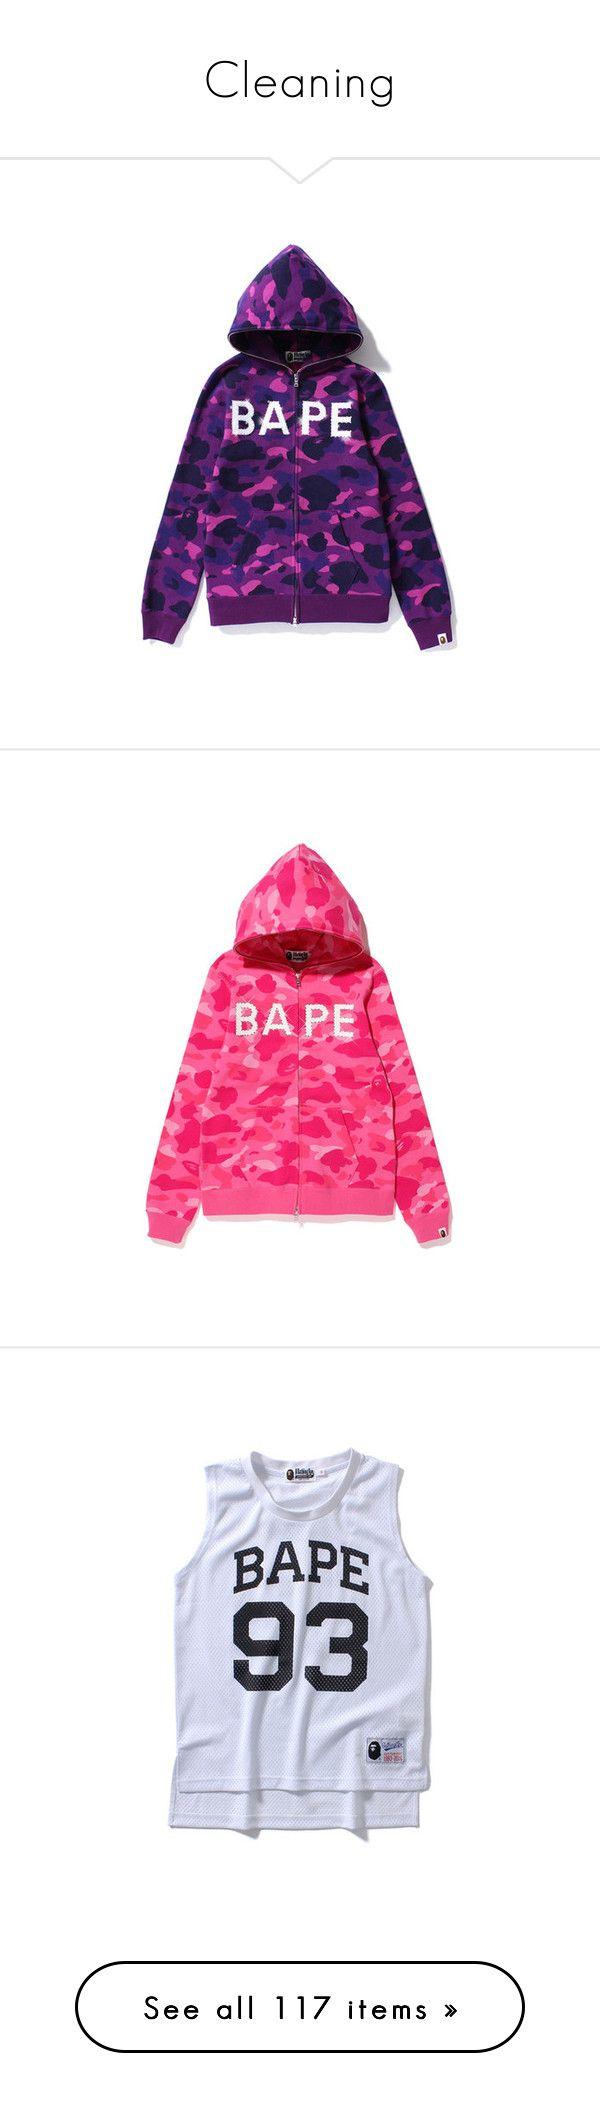 """""""Cleaning"""" by lexiesocrazy ❤ liked on Polyvore featuring tops, hoodies, camouflage hoodies, purple hooded sweatshirt, full zip hoodie, camo hoodie, hooded pullover, hooded sweatshirt, pink hooded sweatshirt and full-zip hooded sweatshirt"""